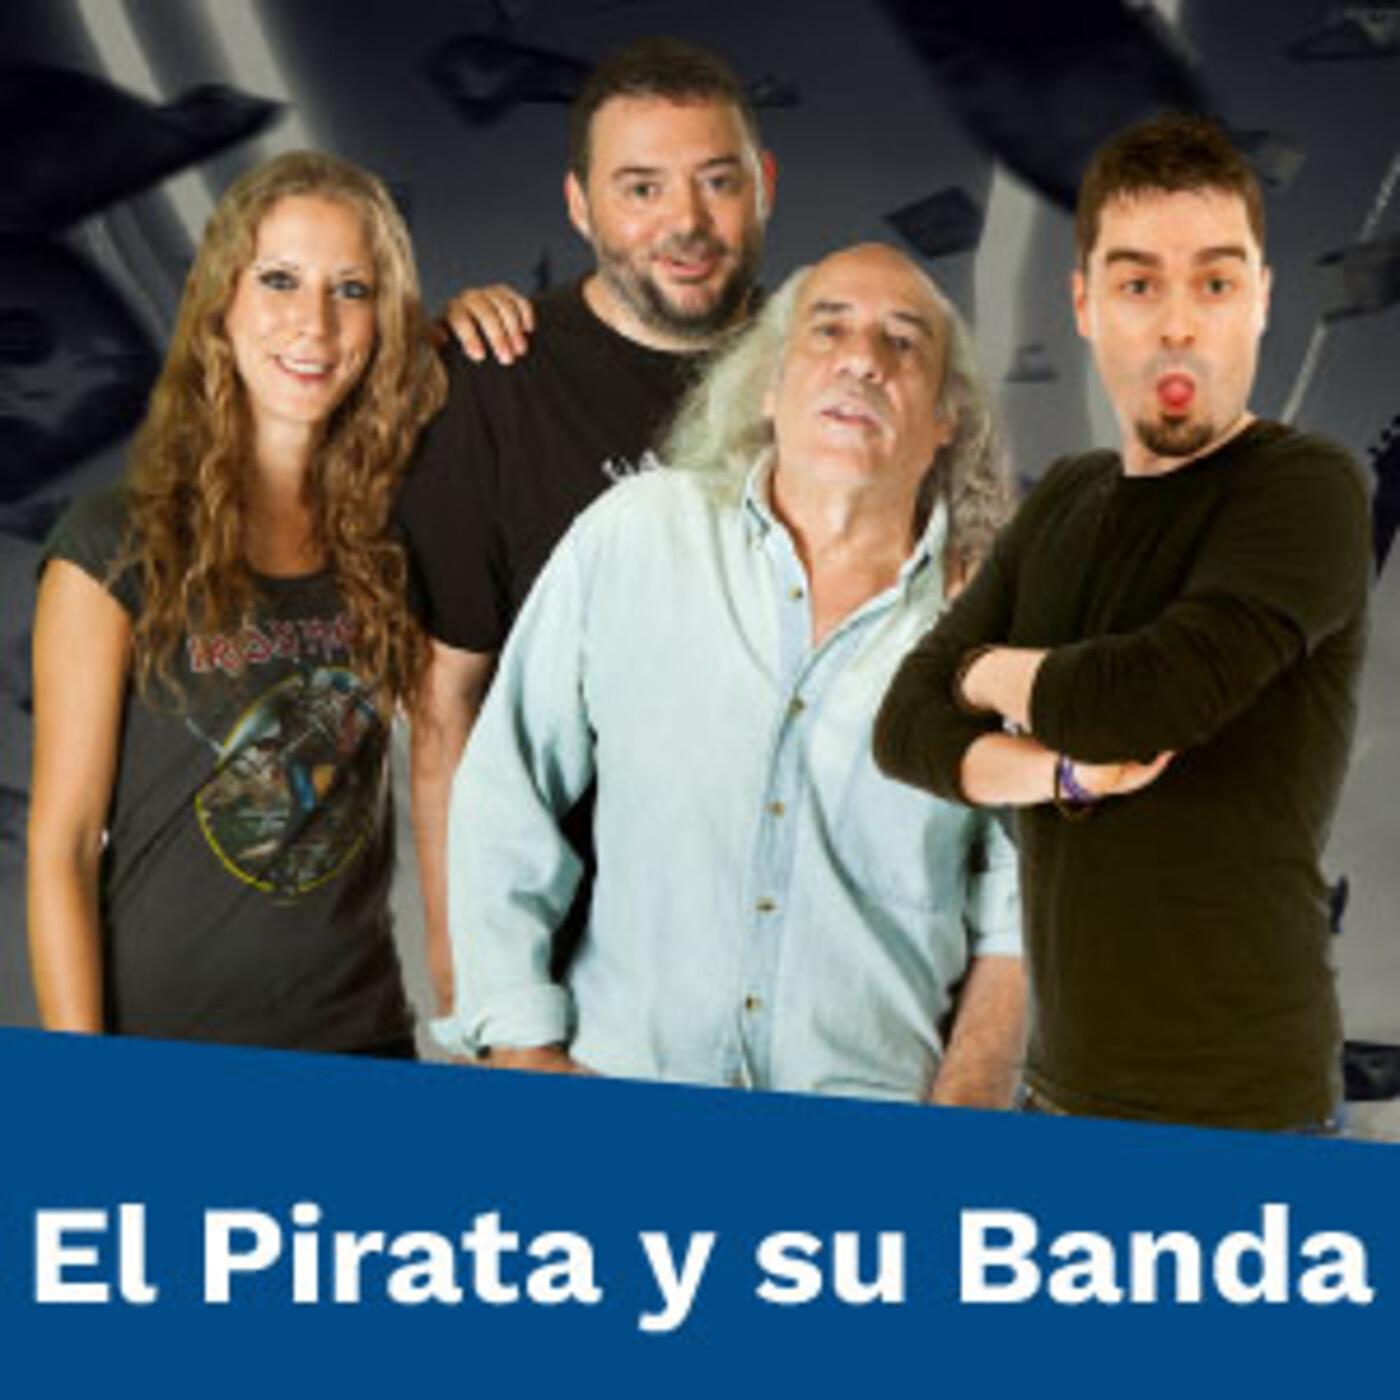 El Pirata y su banda